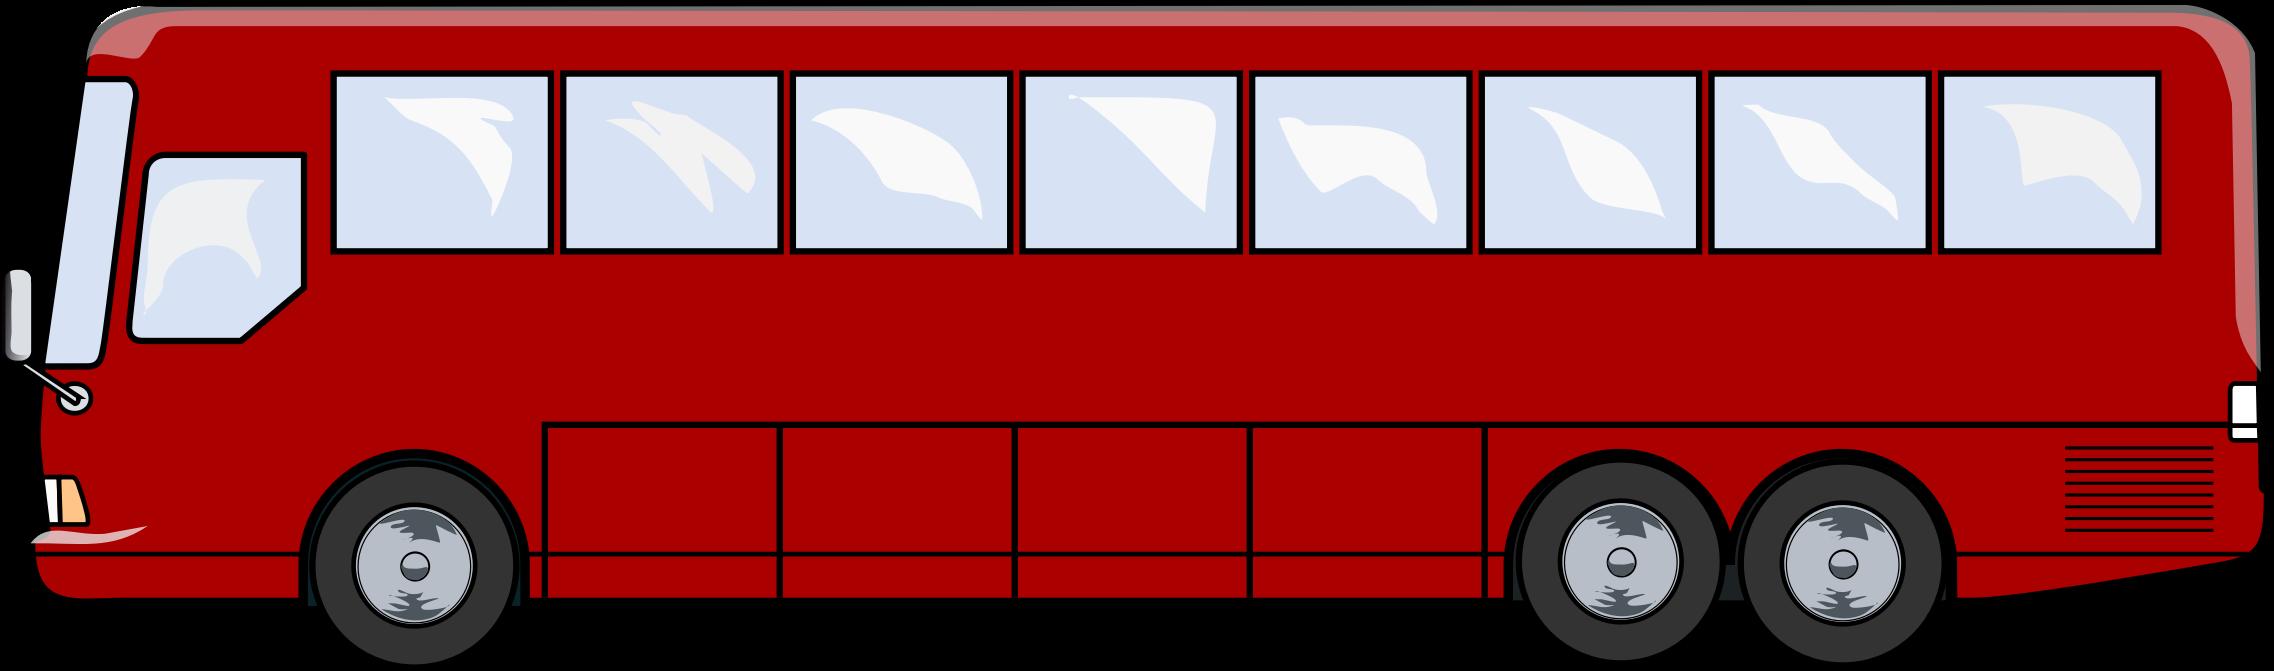 Bus clip art free images clipart